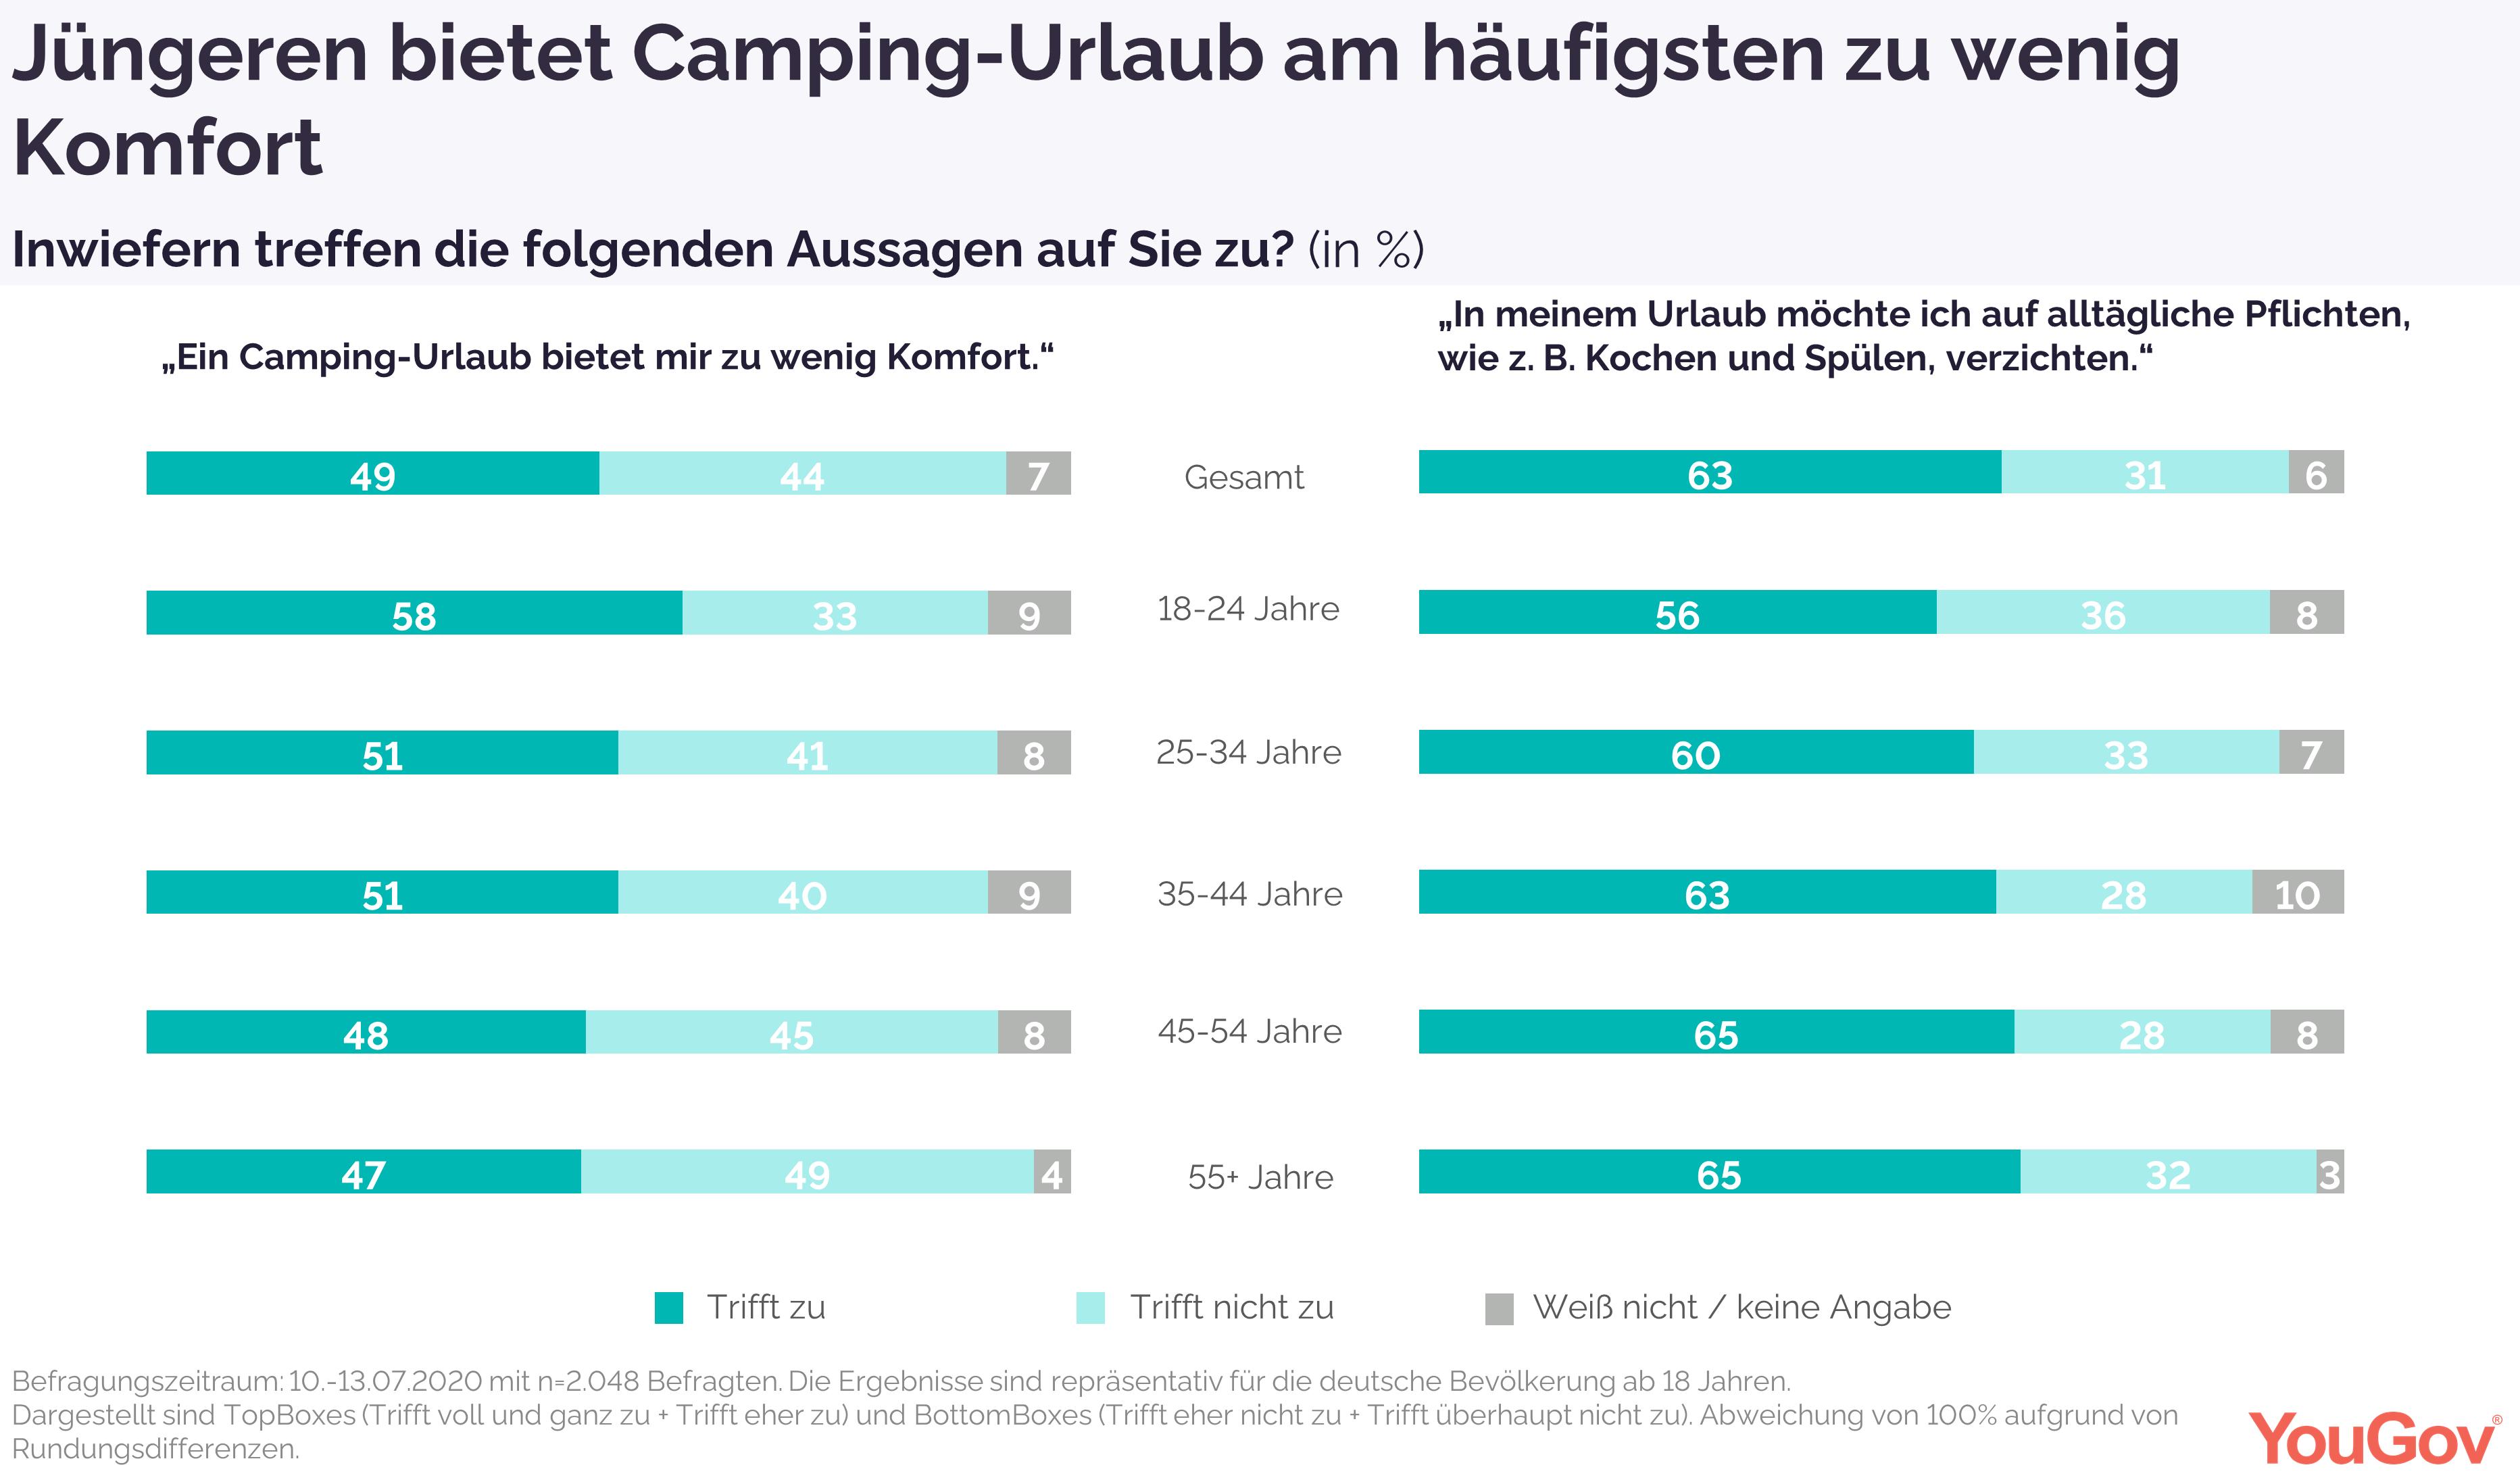 Camping bietet für viele zu wenig Komfort